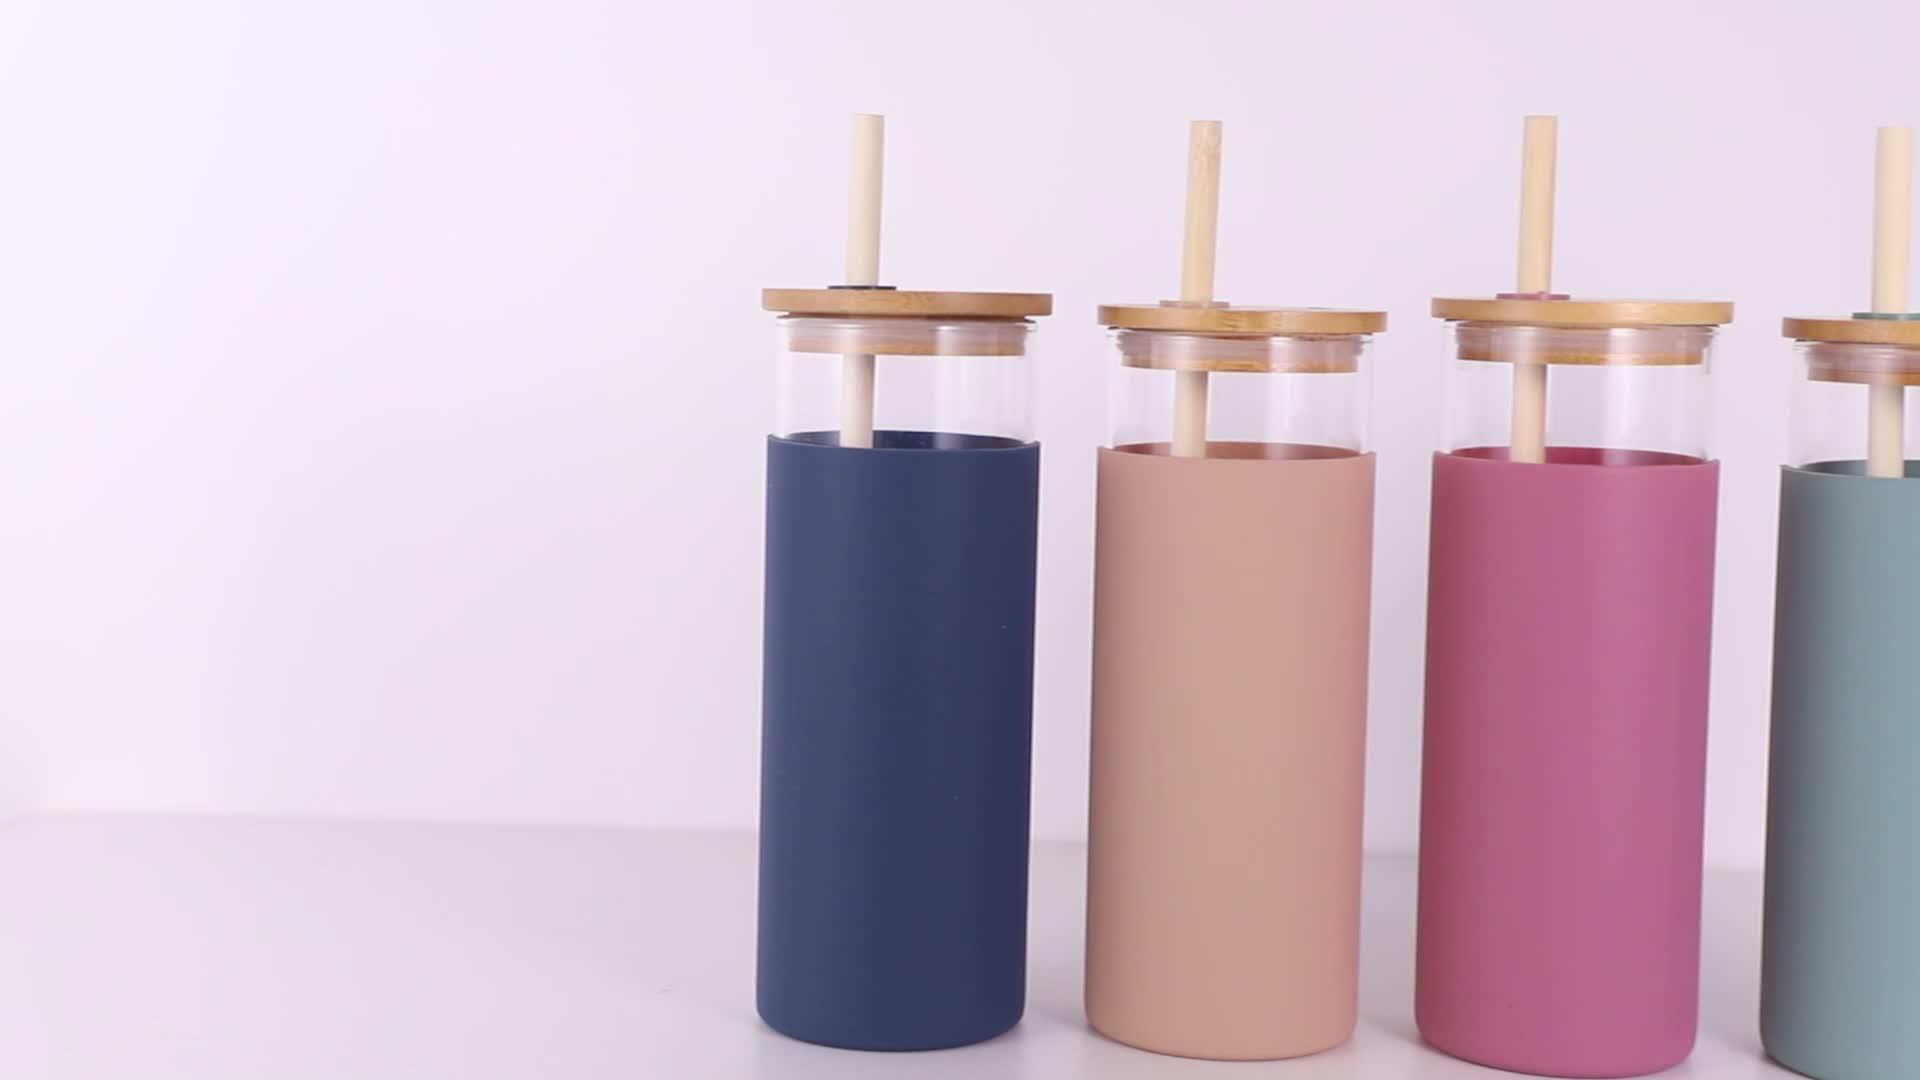 Небьющиеся 500 мл экологически чистые bpa бесплатные стеклянные бутылки для воды с соломой